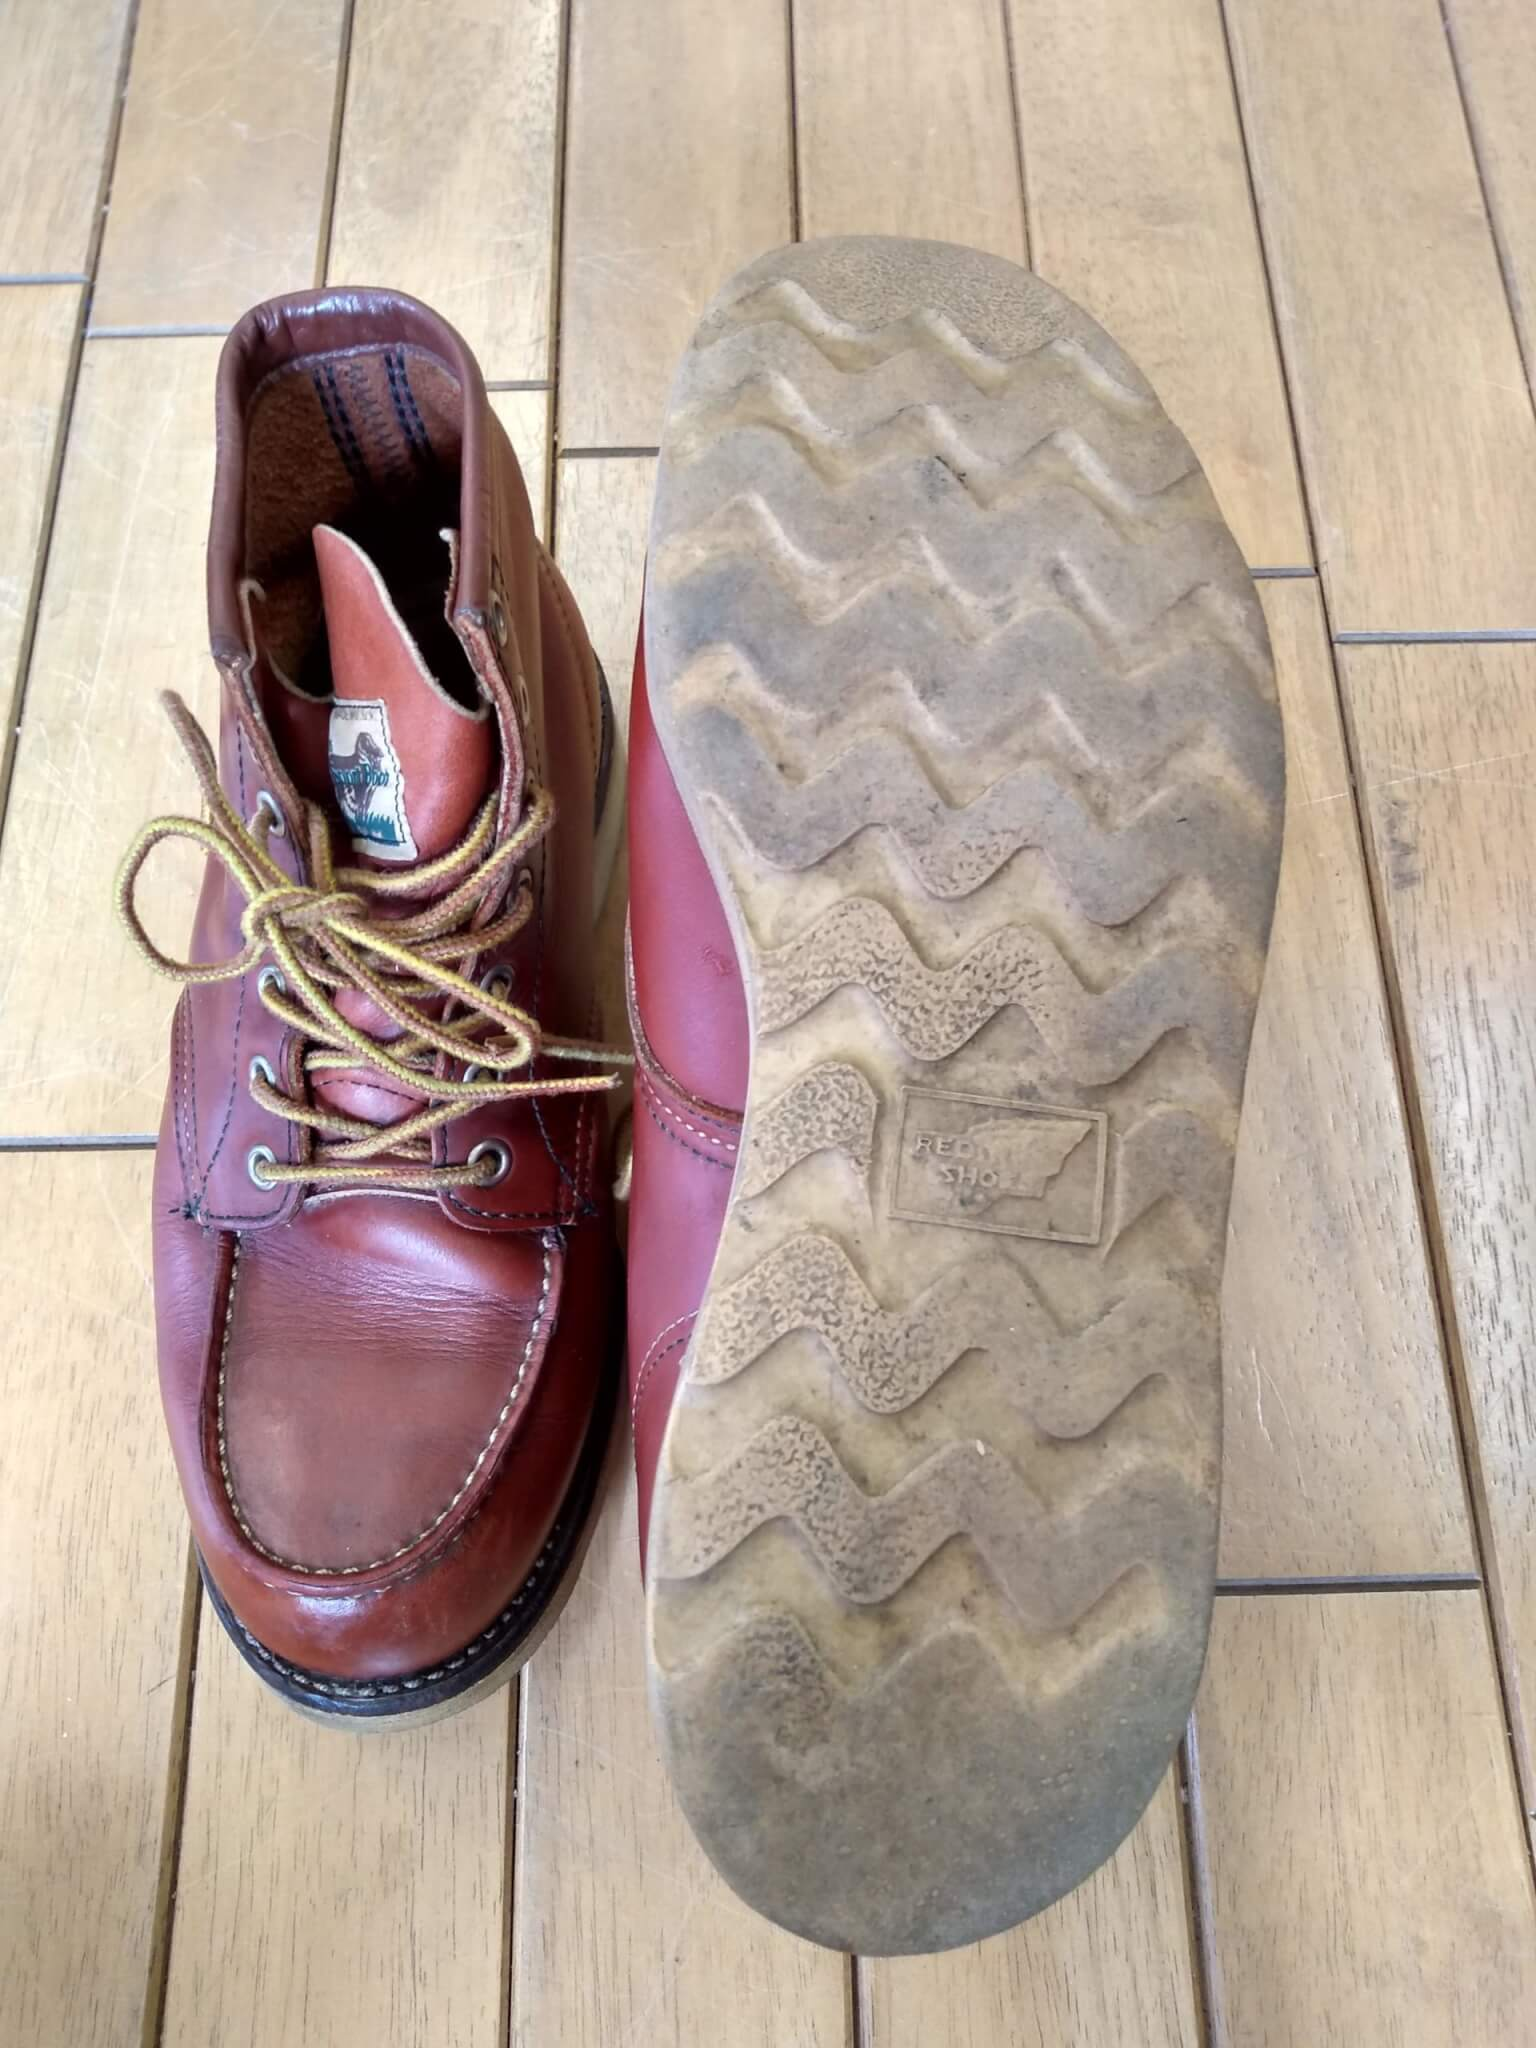 レッドウィング アイリッシュセッターのオールソールの靴修理